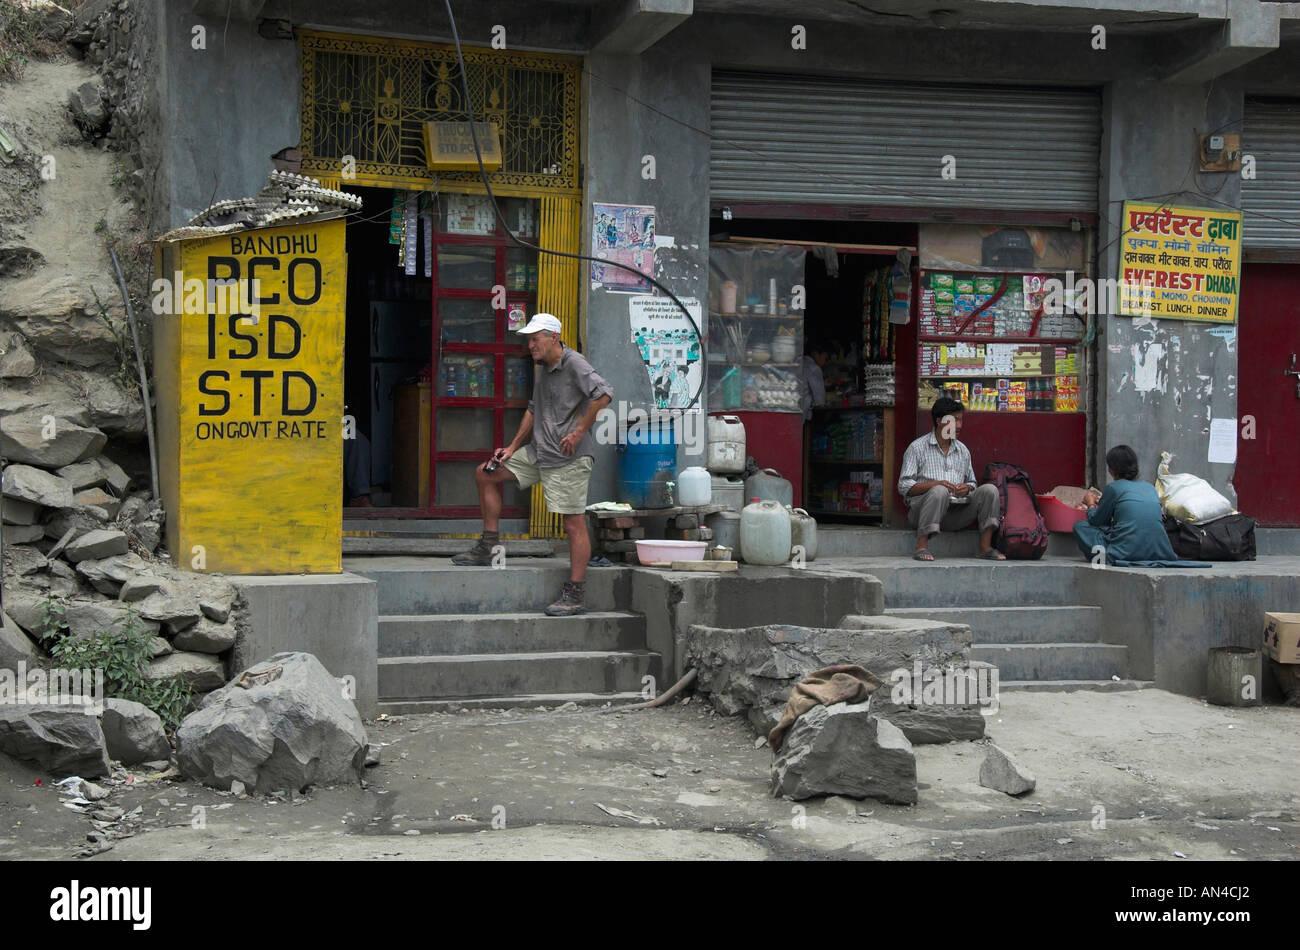 Waiting for the telephone Keylong India - Stock Image